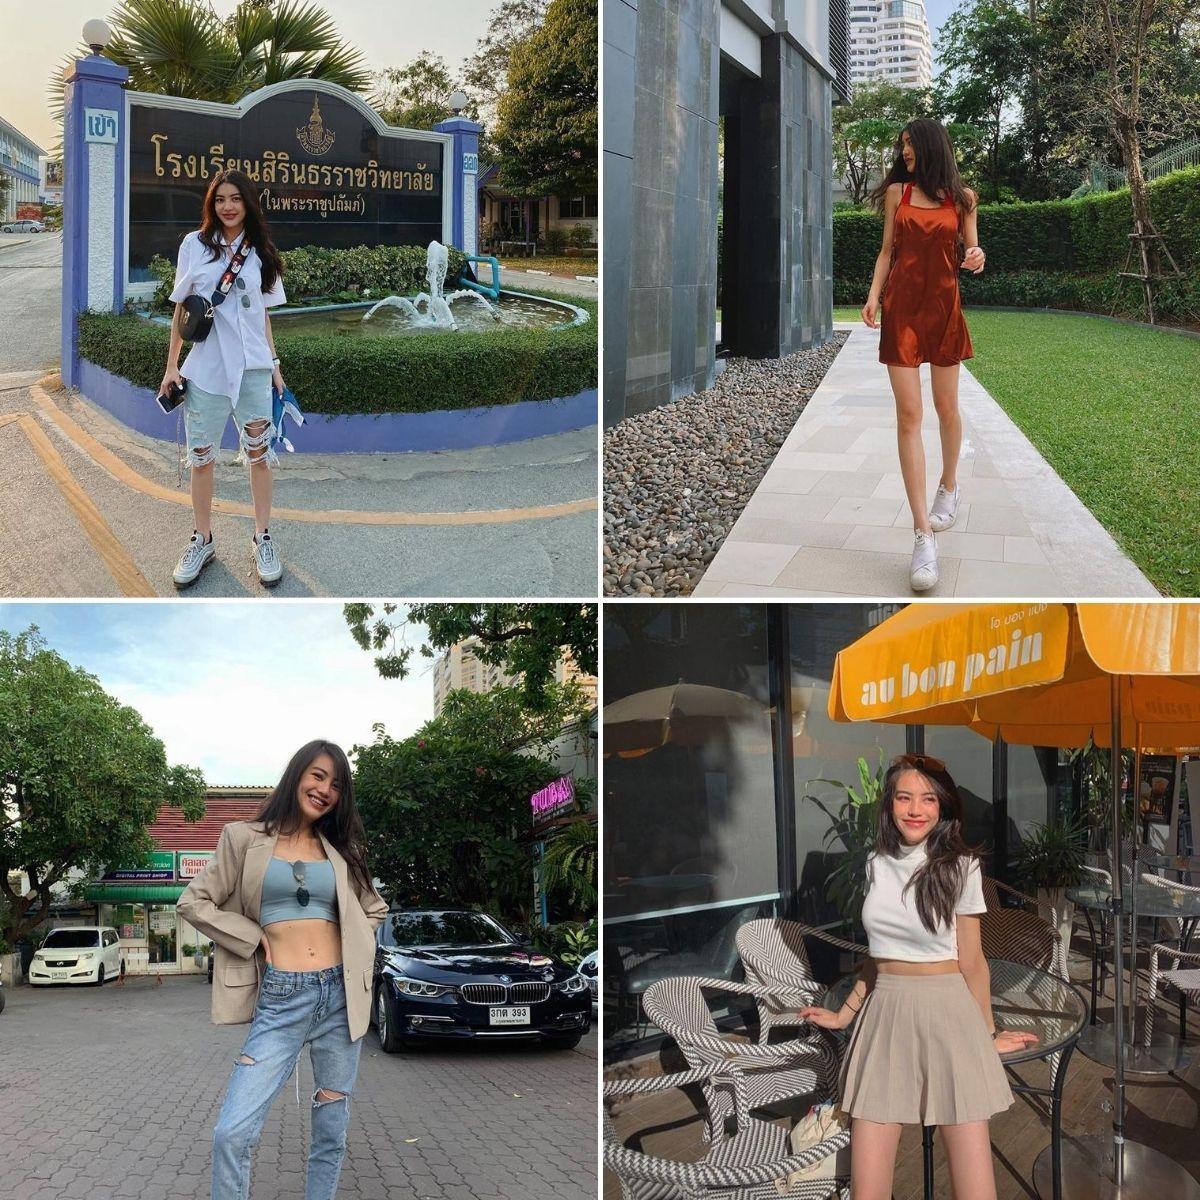 blogger thời trang theo phong cách retro hiện đại Pachabadee Tantaputta